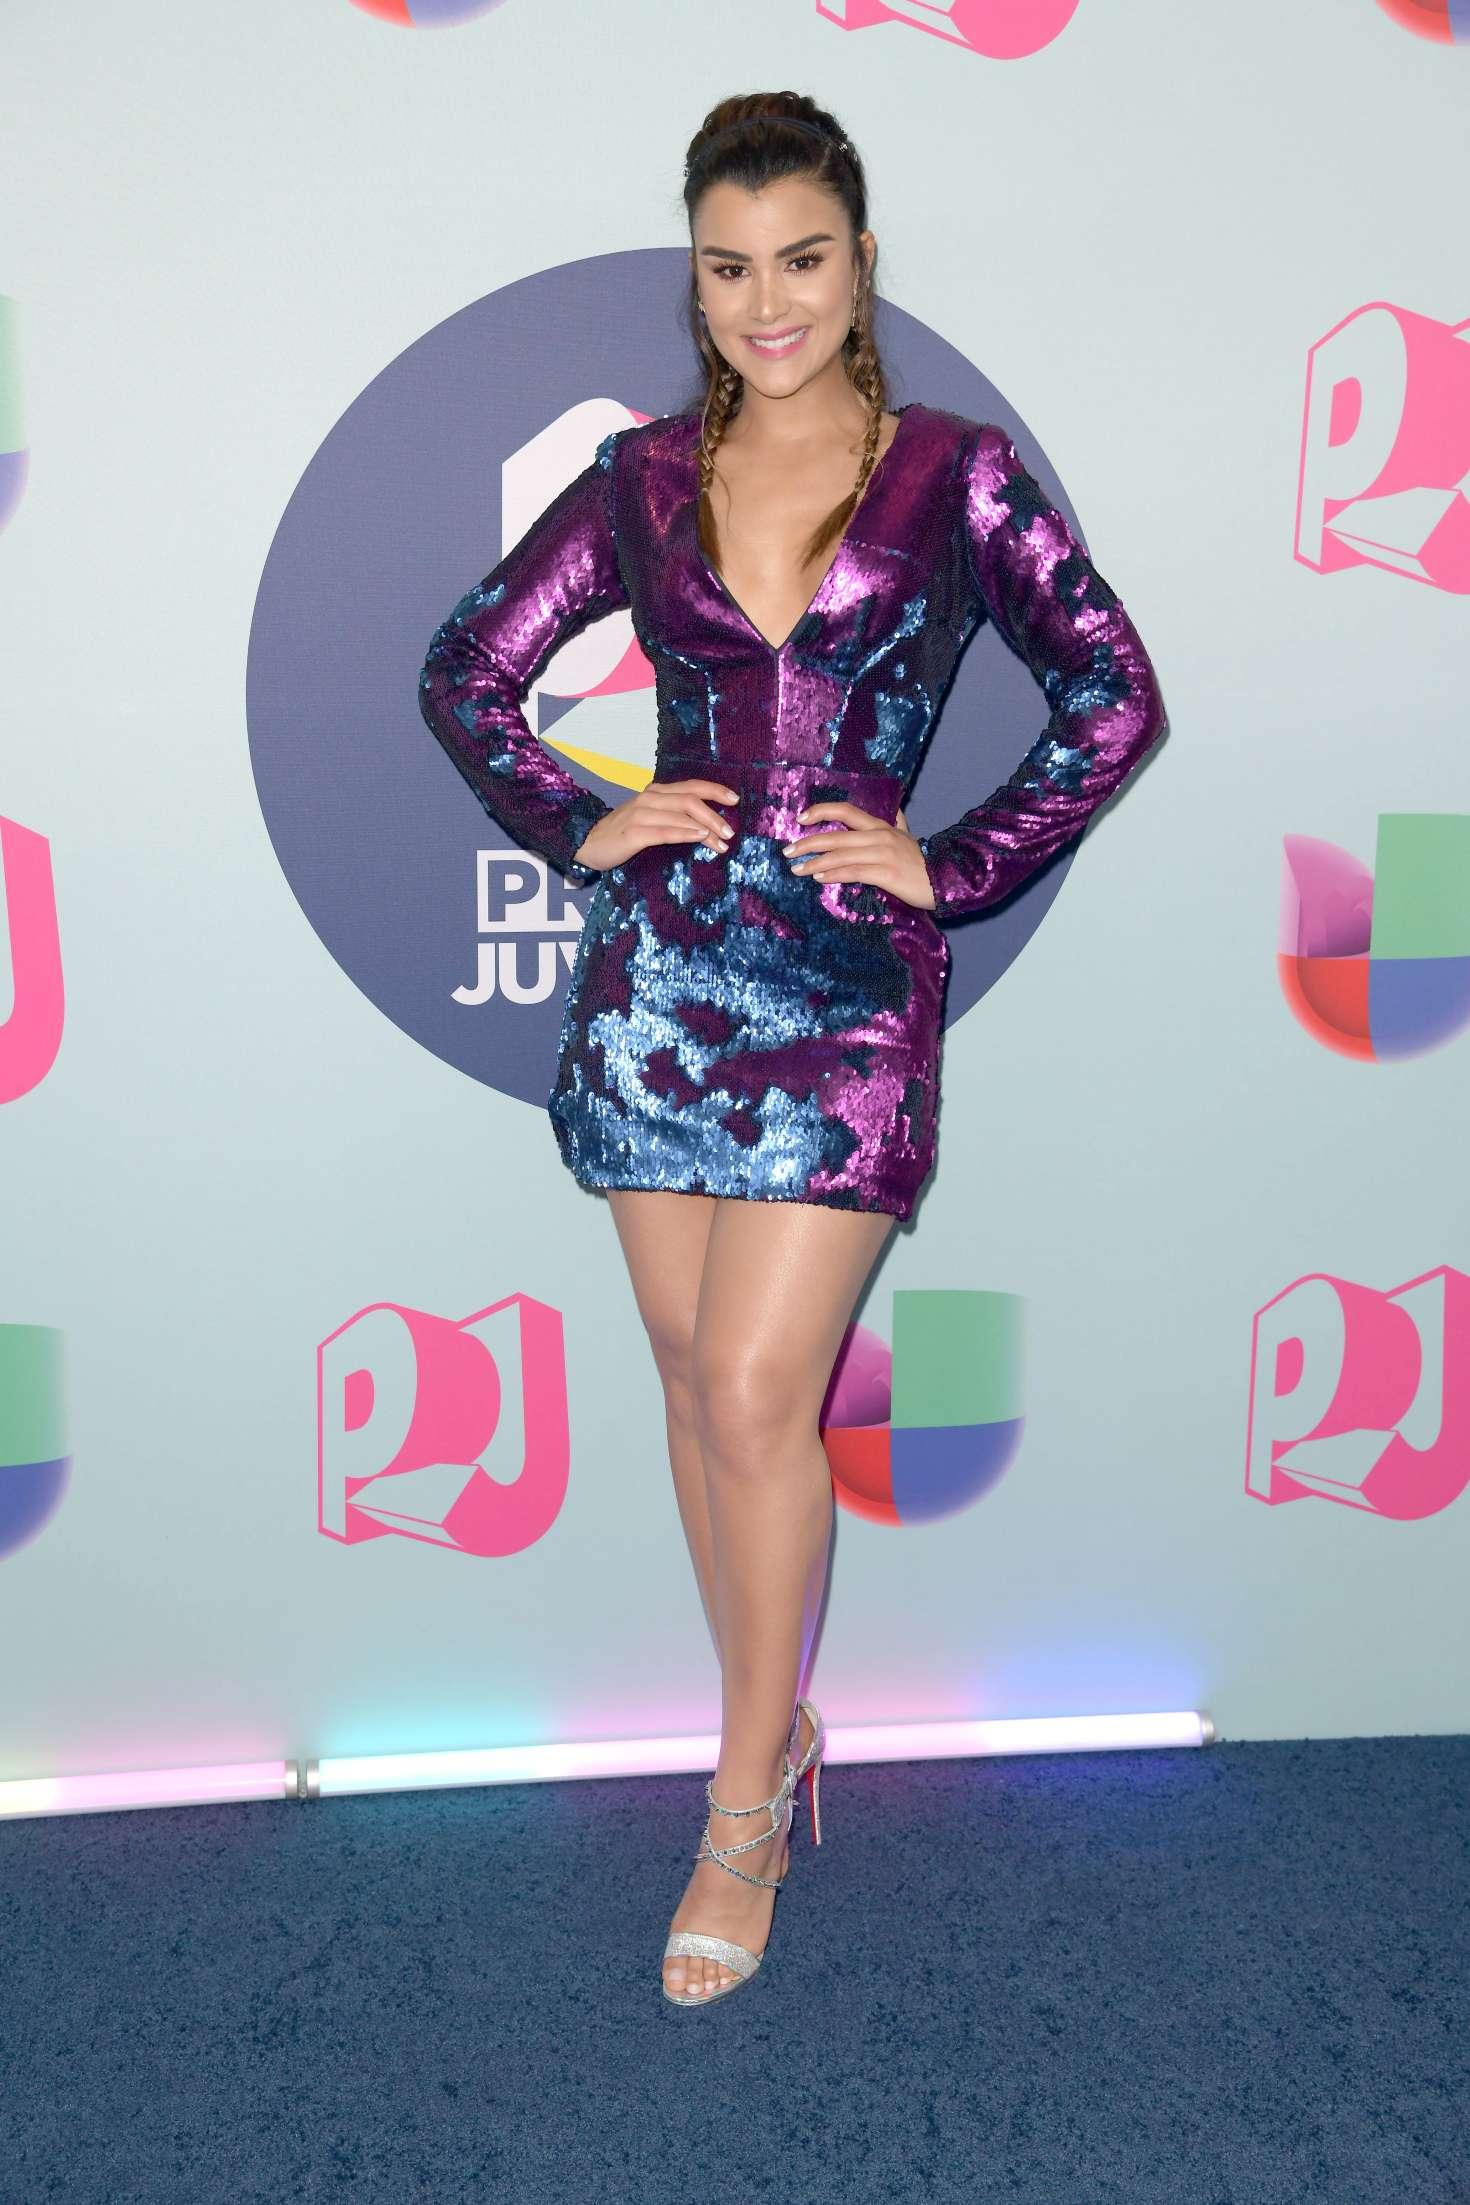 Clarissa Molina - Premios Juventud Awards 2018 in Miami